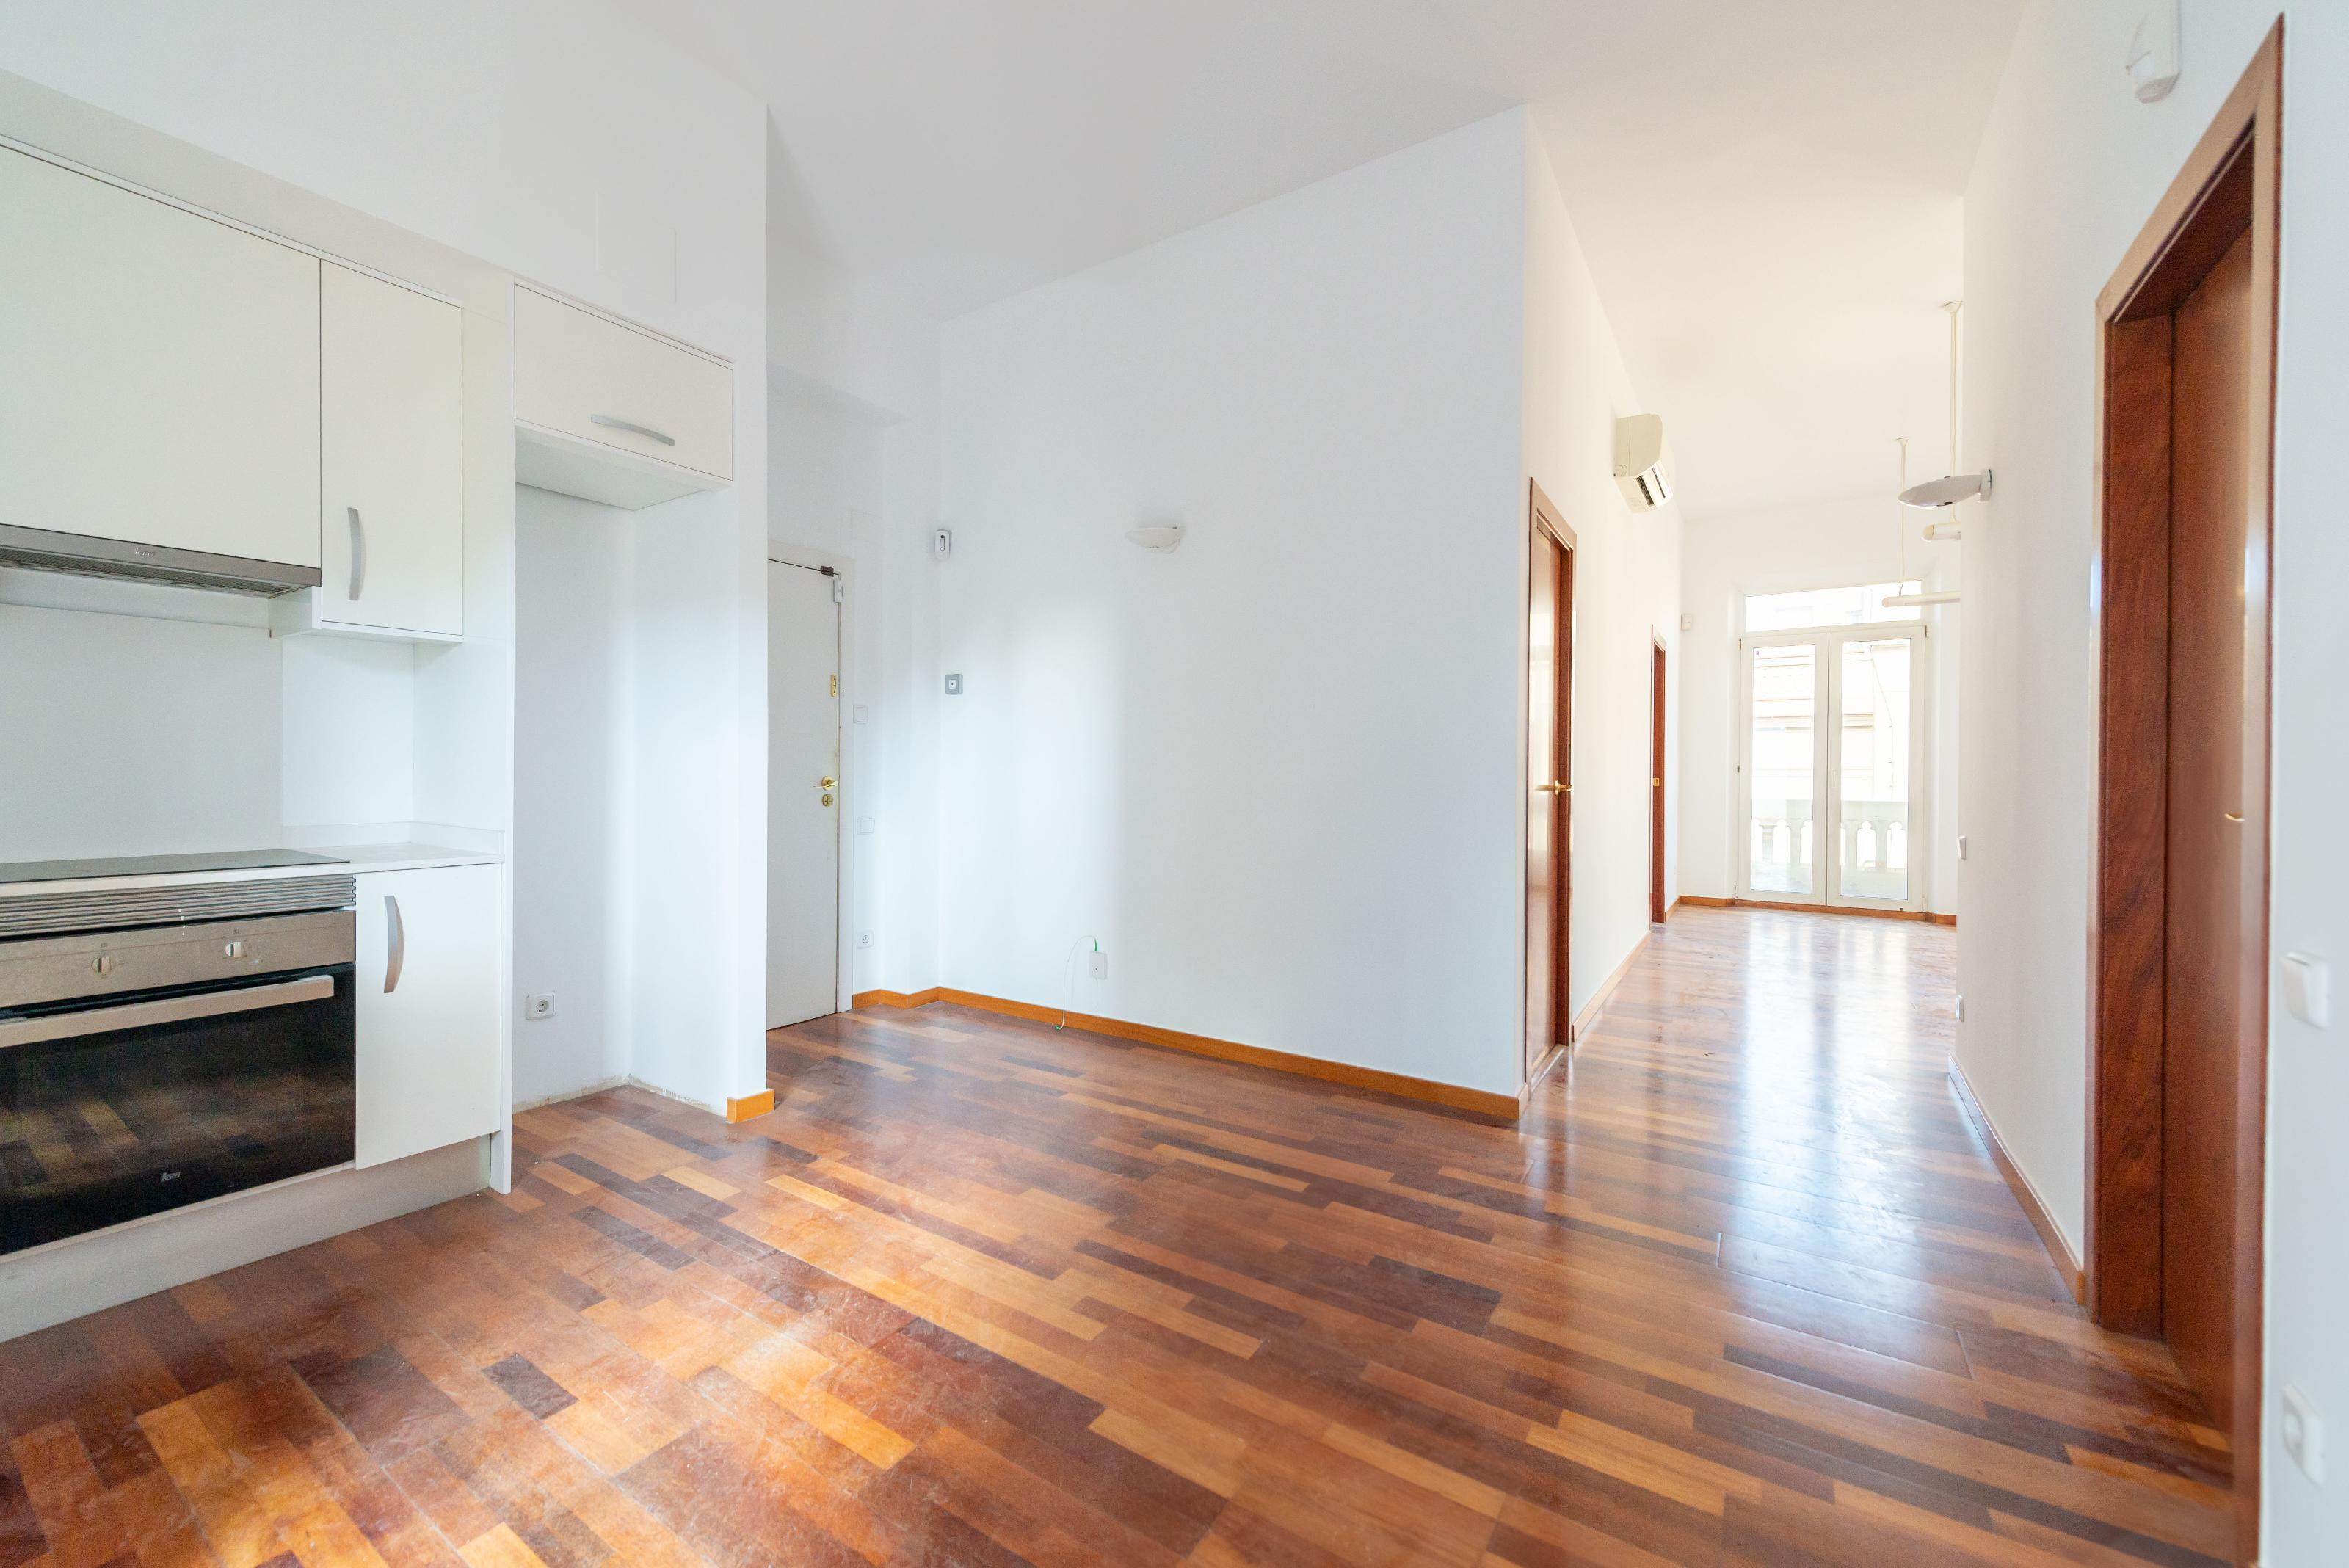 246065 Flat for sale in Sarrià-Sant Gervasi, Sarrià 9